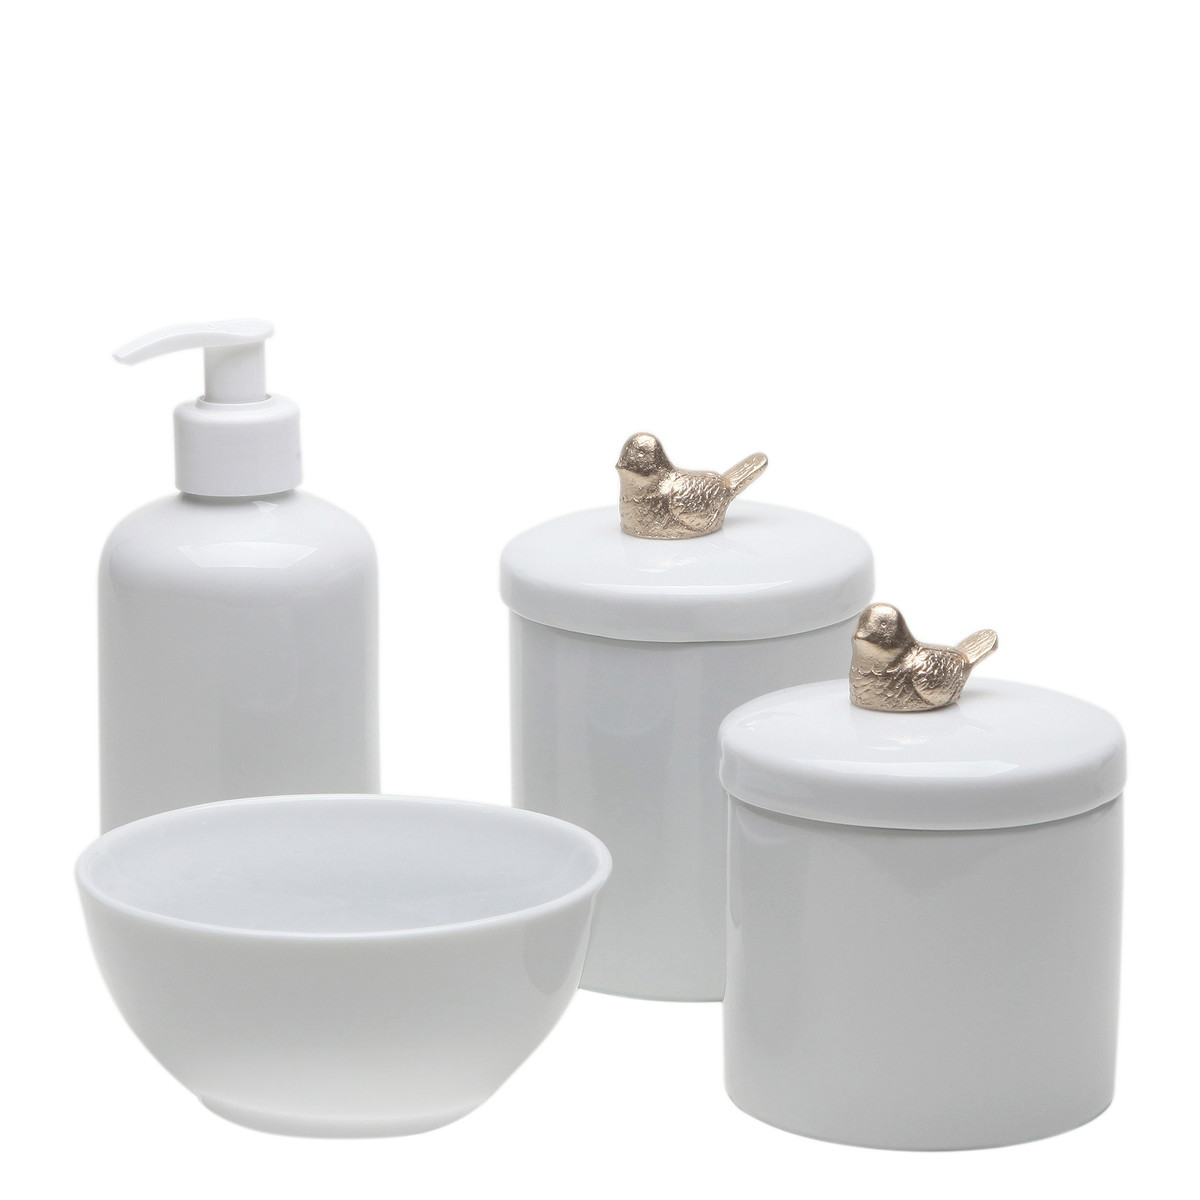 Kit Higiene Porcelana Bebe Pássaro Dourado Potes Passarinhos no Elo7 ... 4f8fd59f2b8